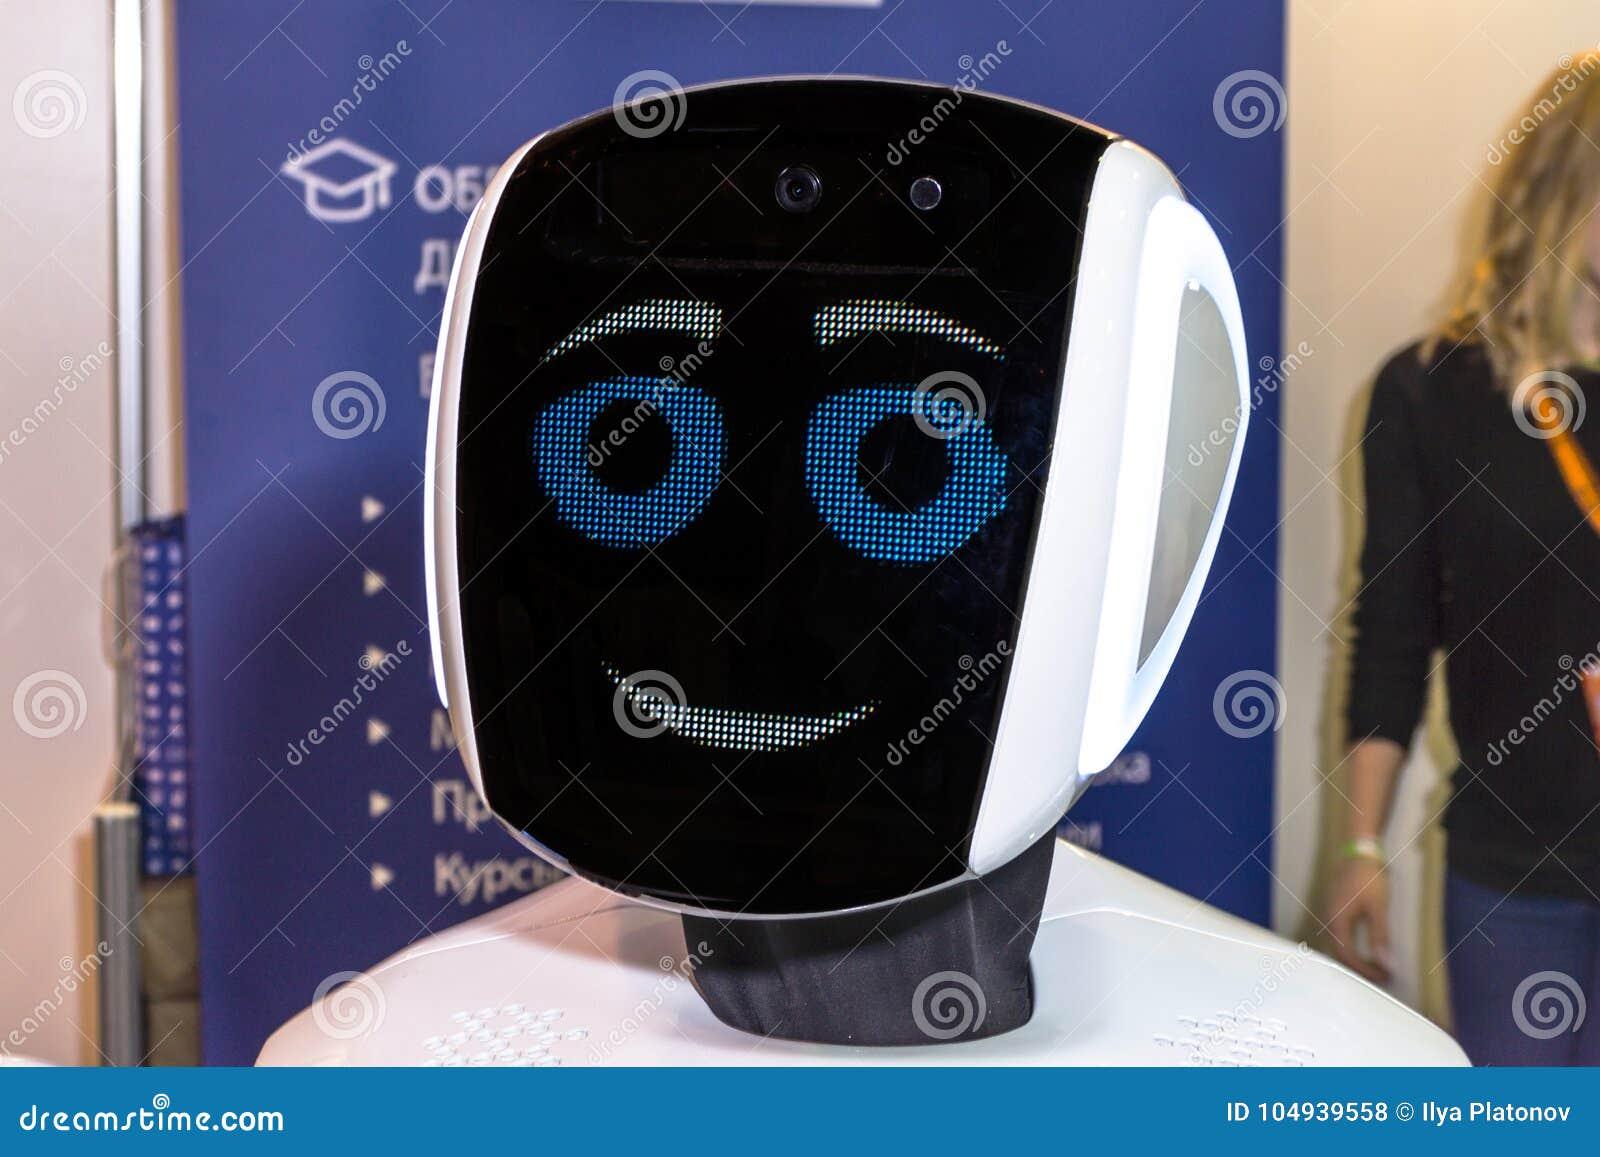 Ζήστε και ενδιαφέρουσα επικοινωνία μεταξύ ενός προσώπου και ενός ρομπότ